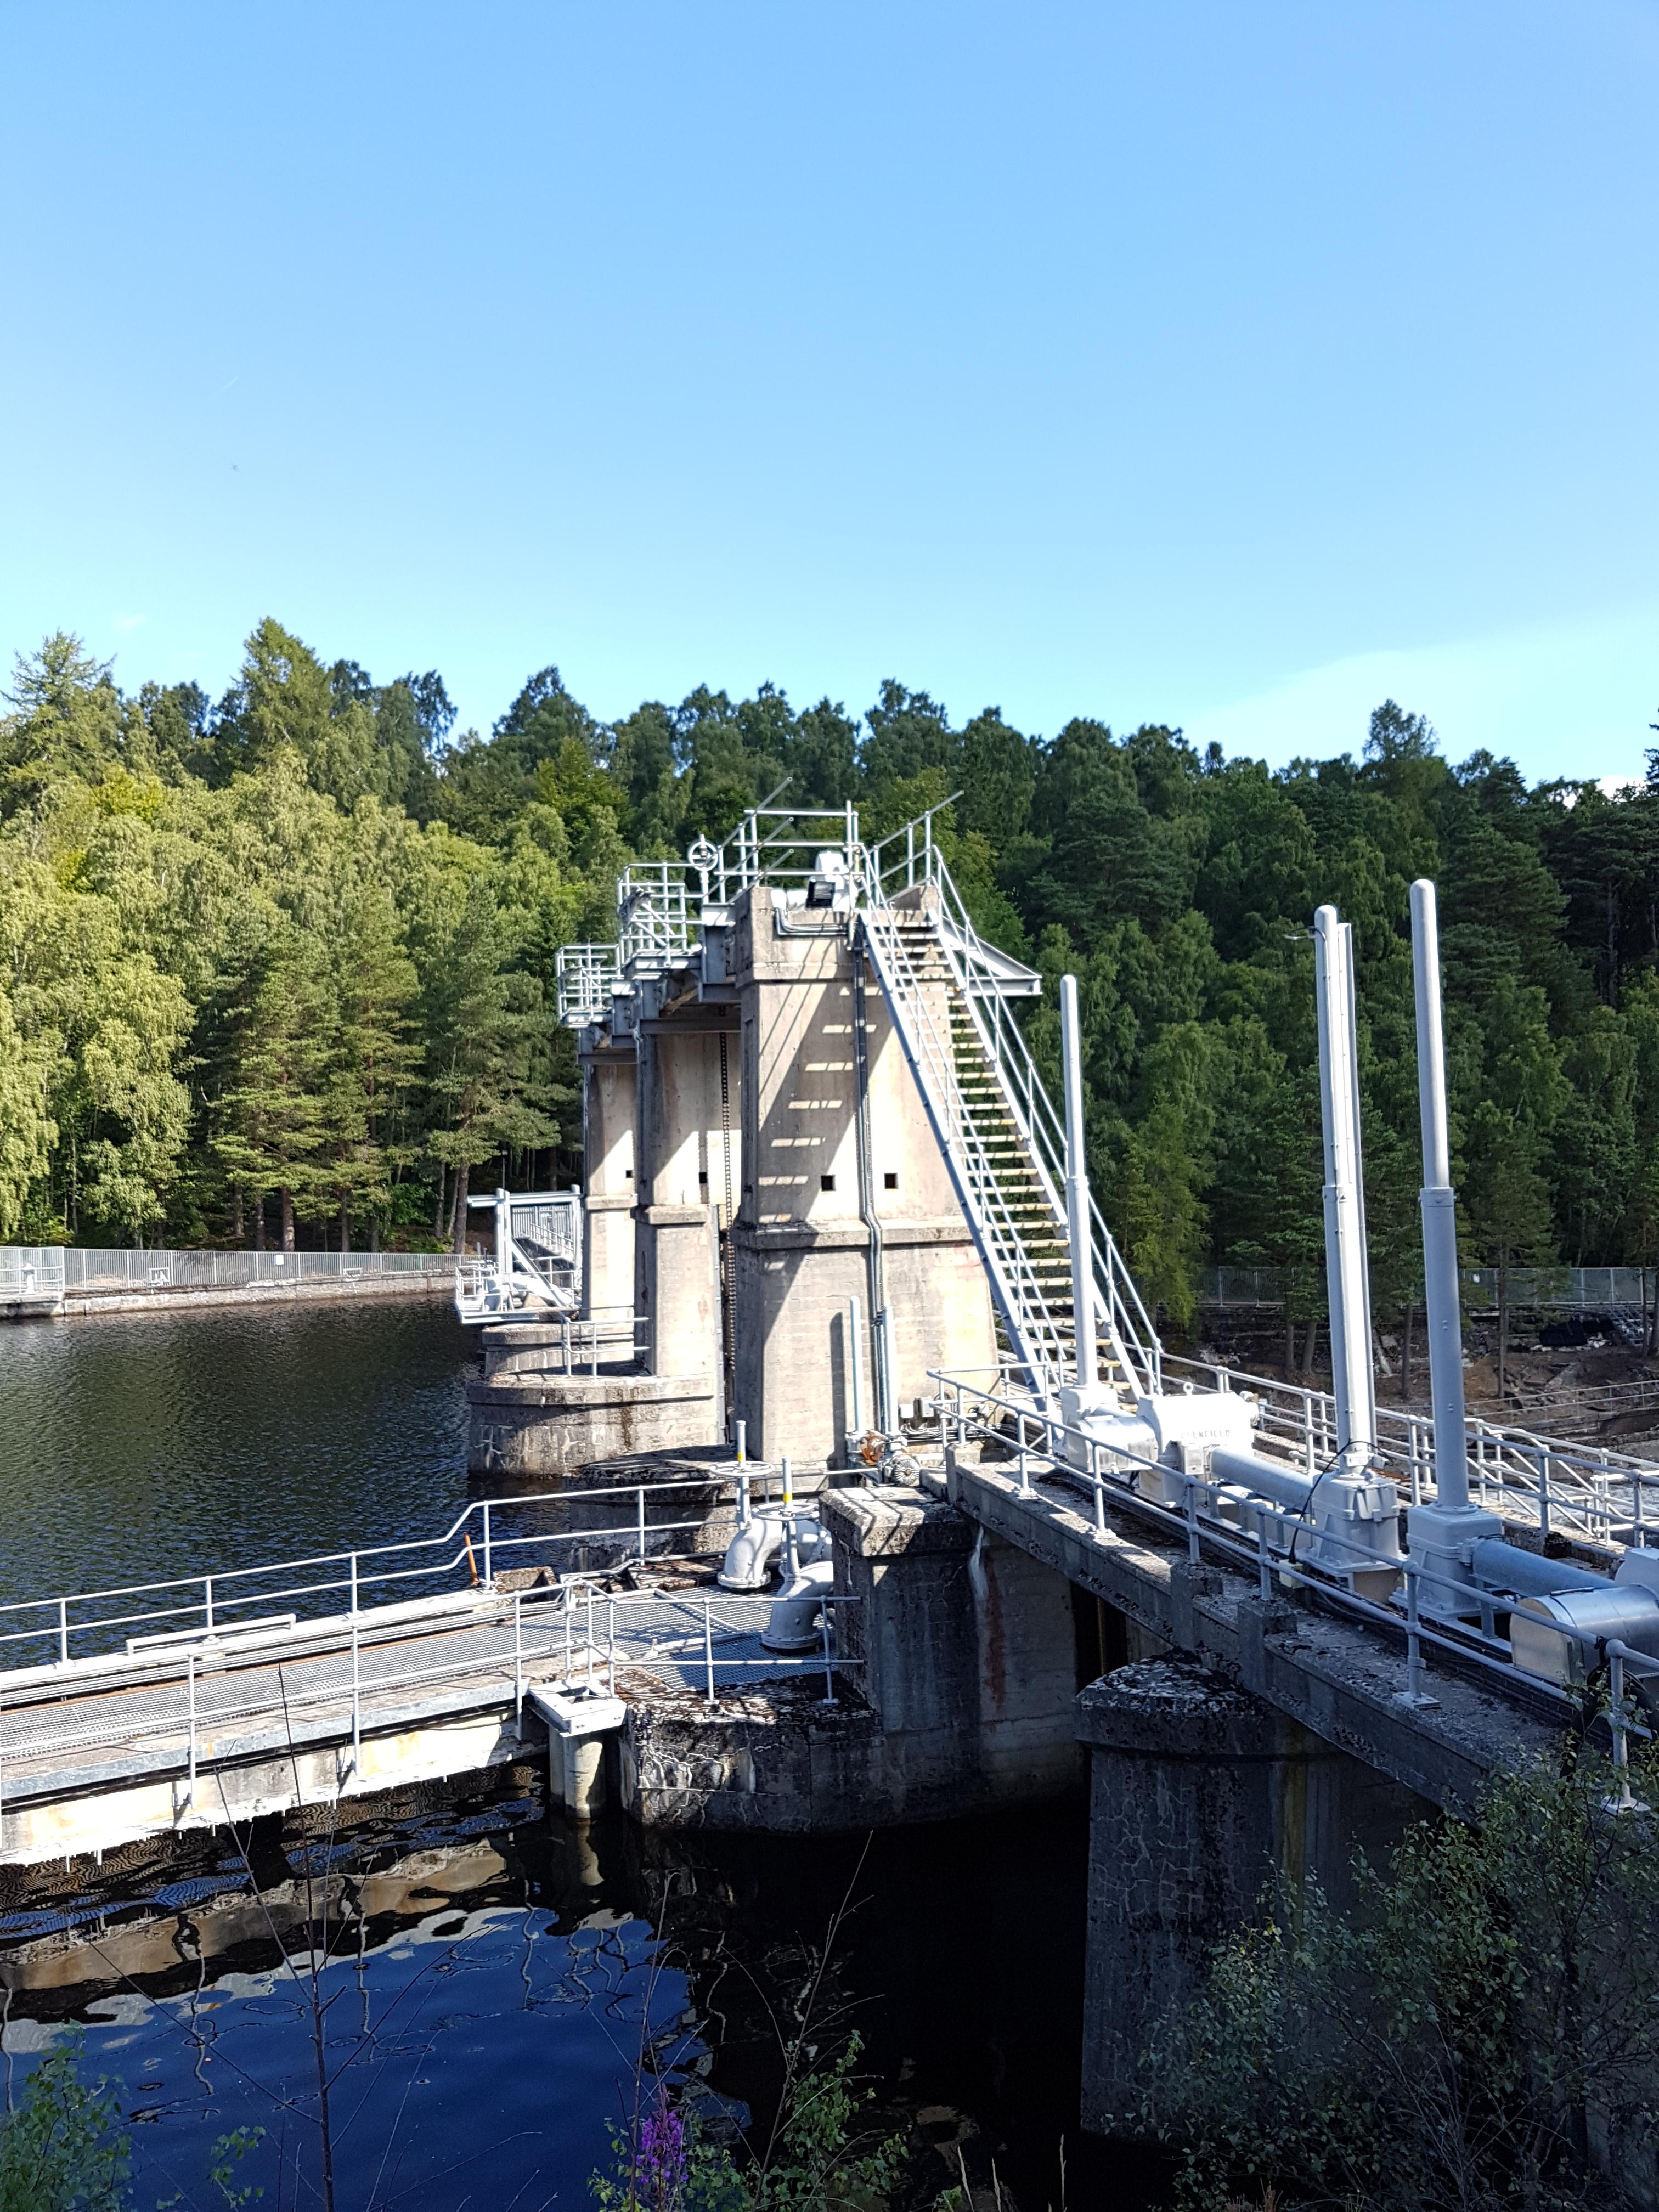 Dunallister Dam Tummel Bridge Handrail and Stairs